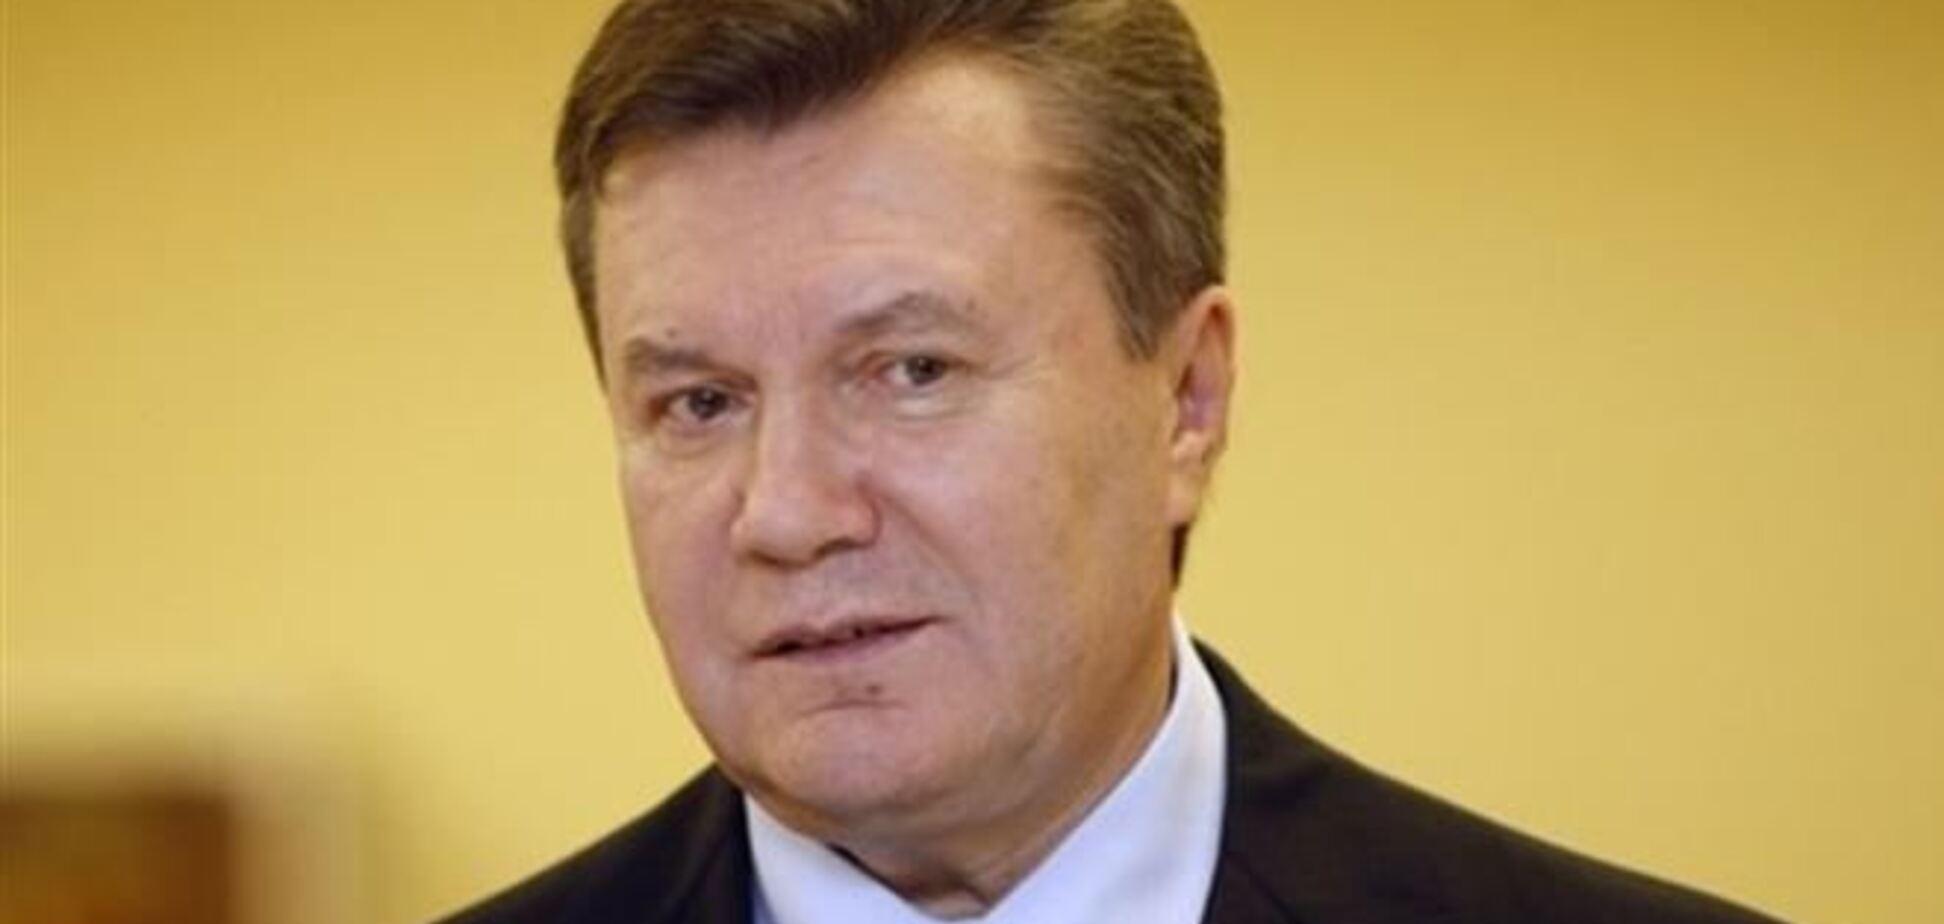 Янукович в Межигорье провел совещание с силовиками - СМИ